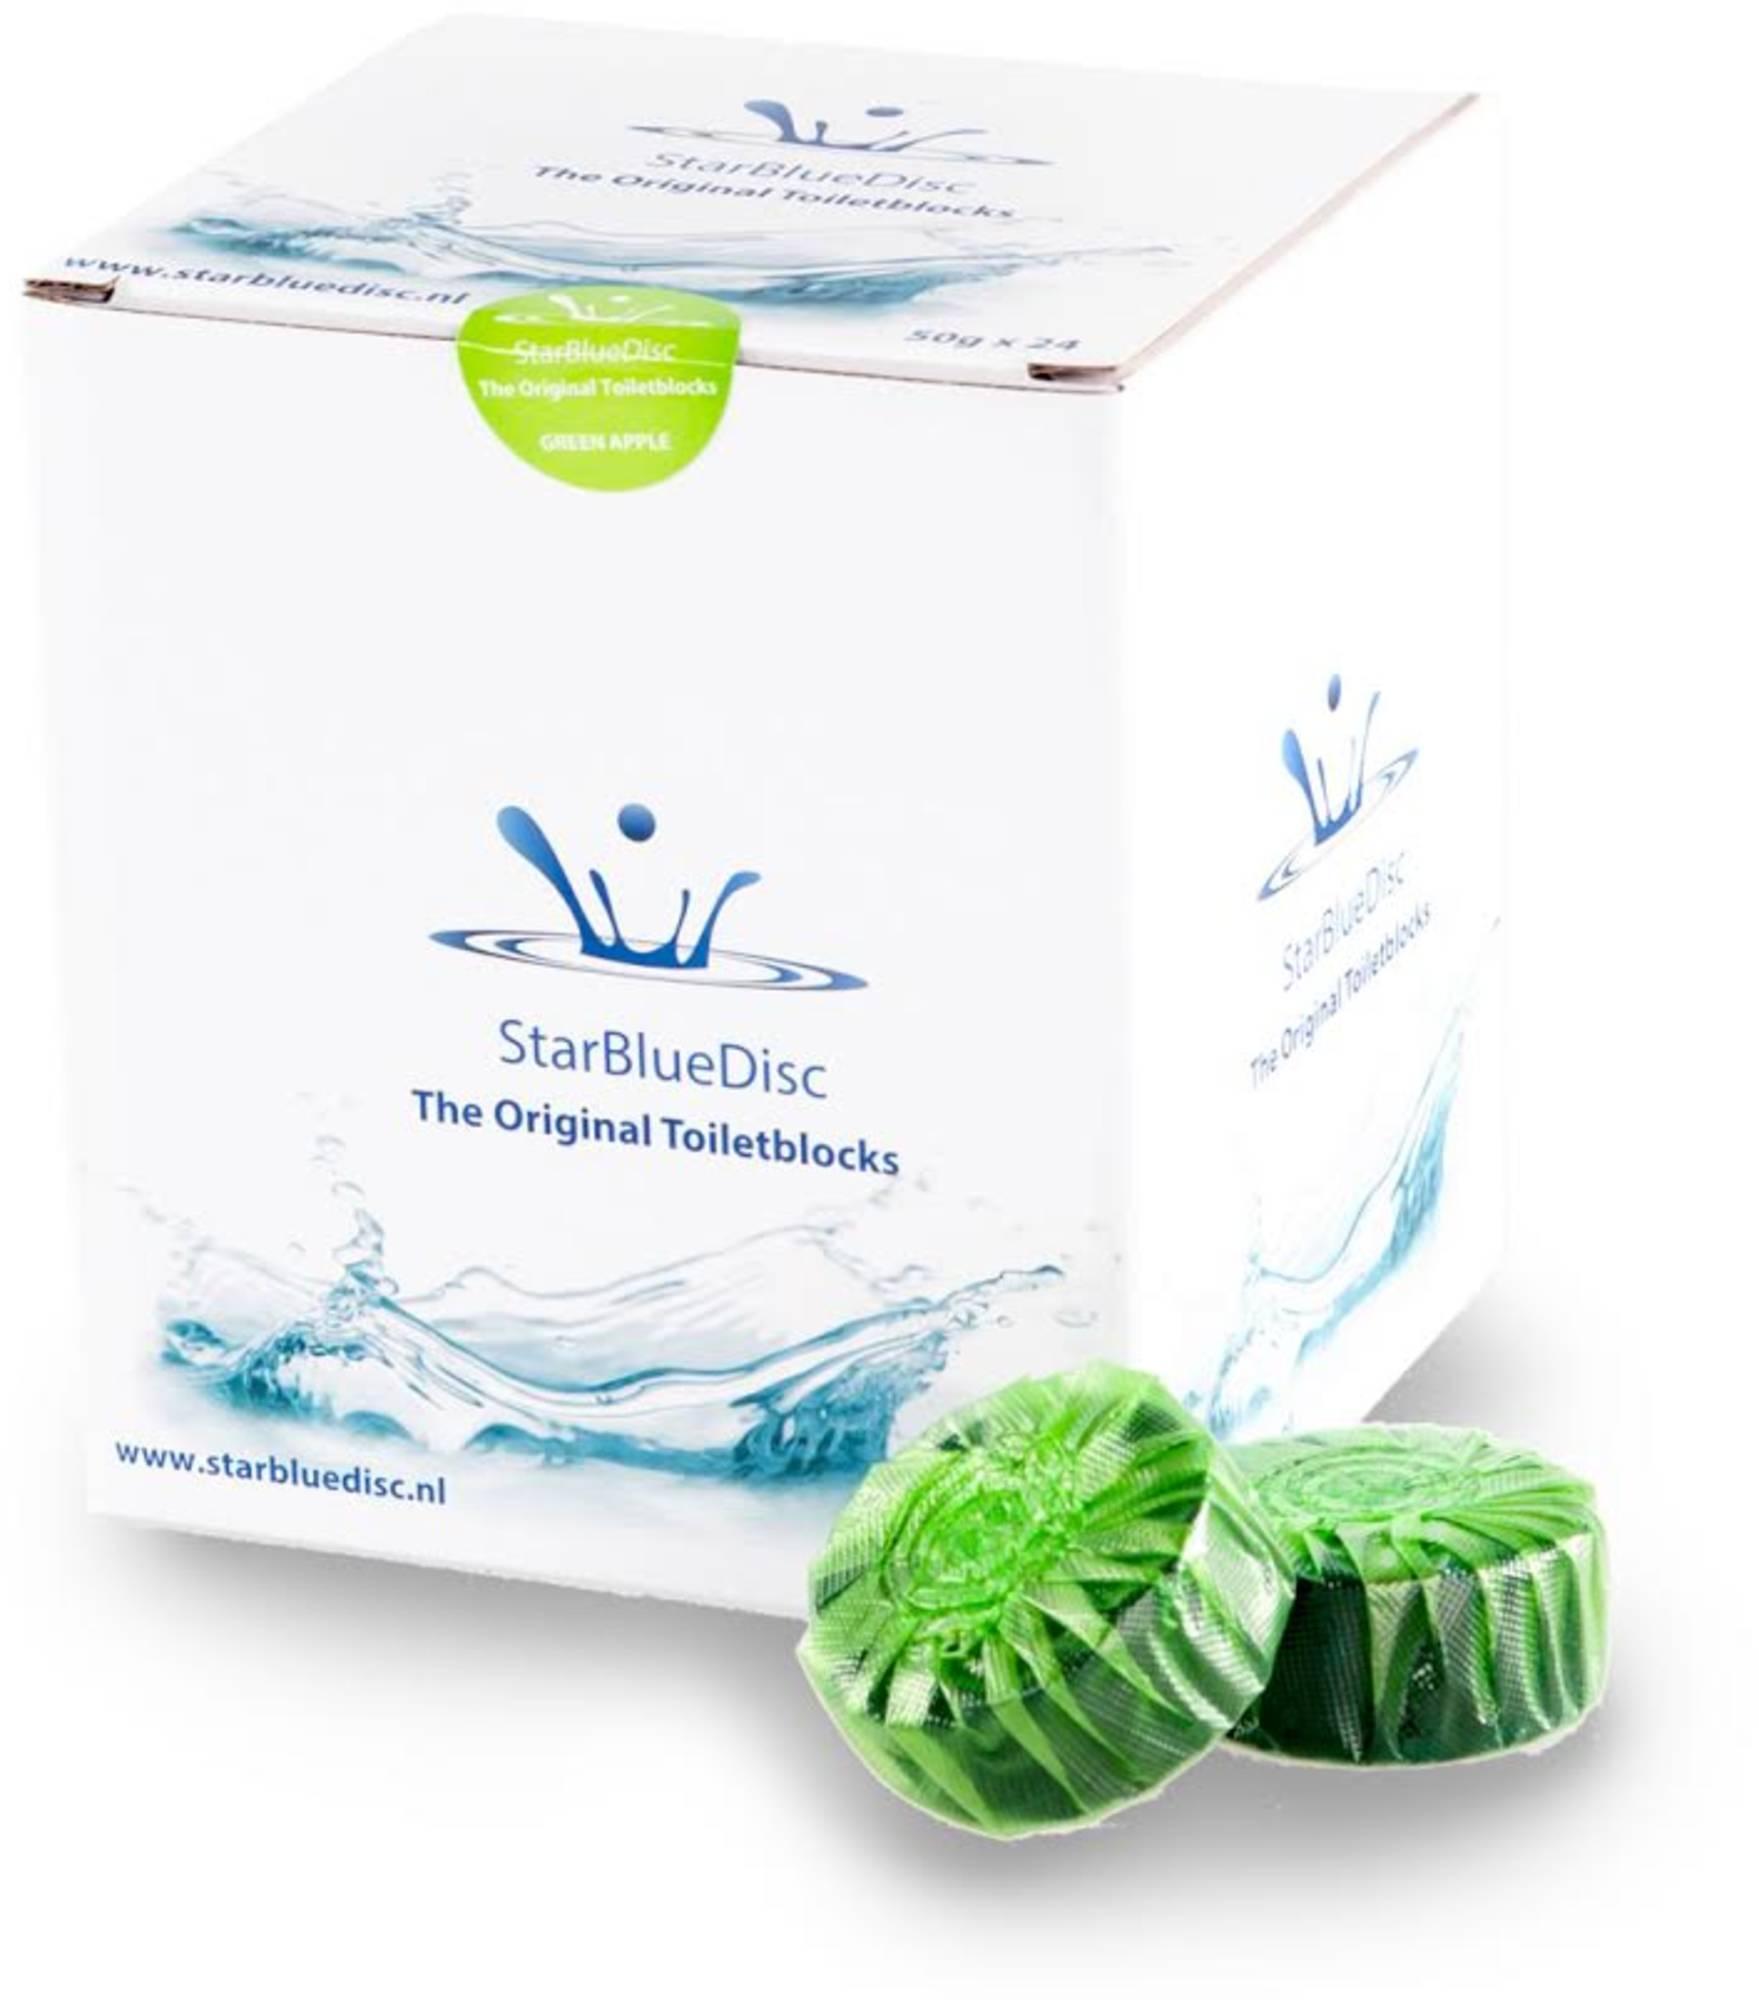 StarBlueDisc 24 stuks toiletblokjes jaarverpakking Groen